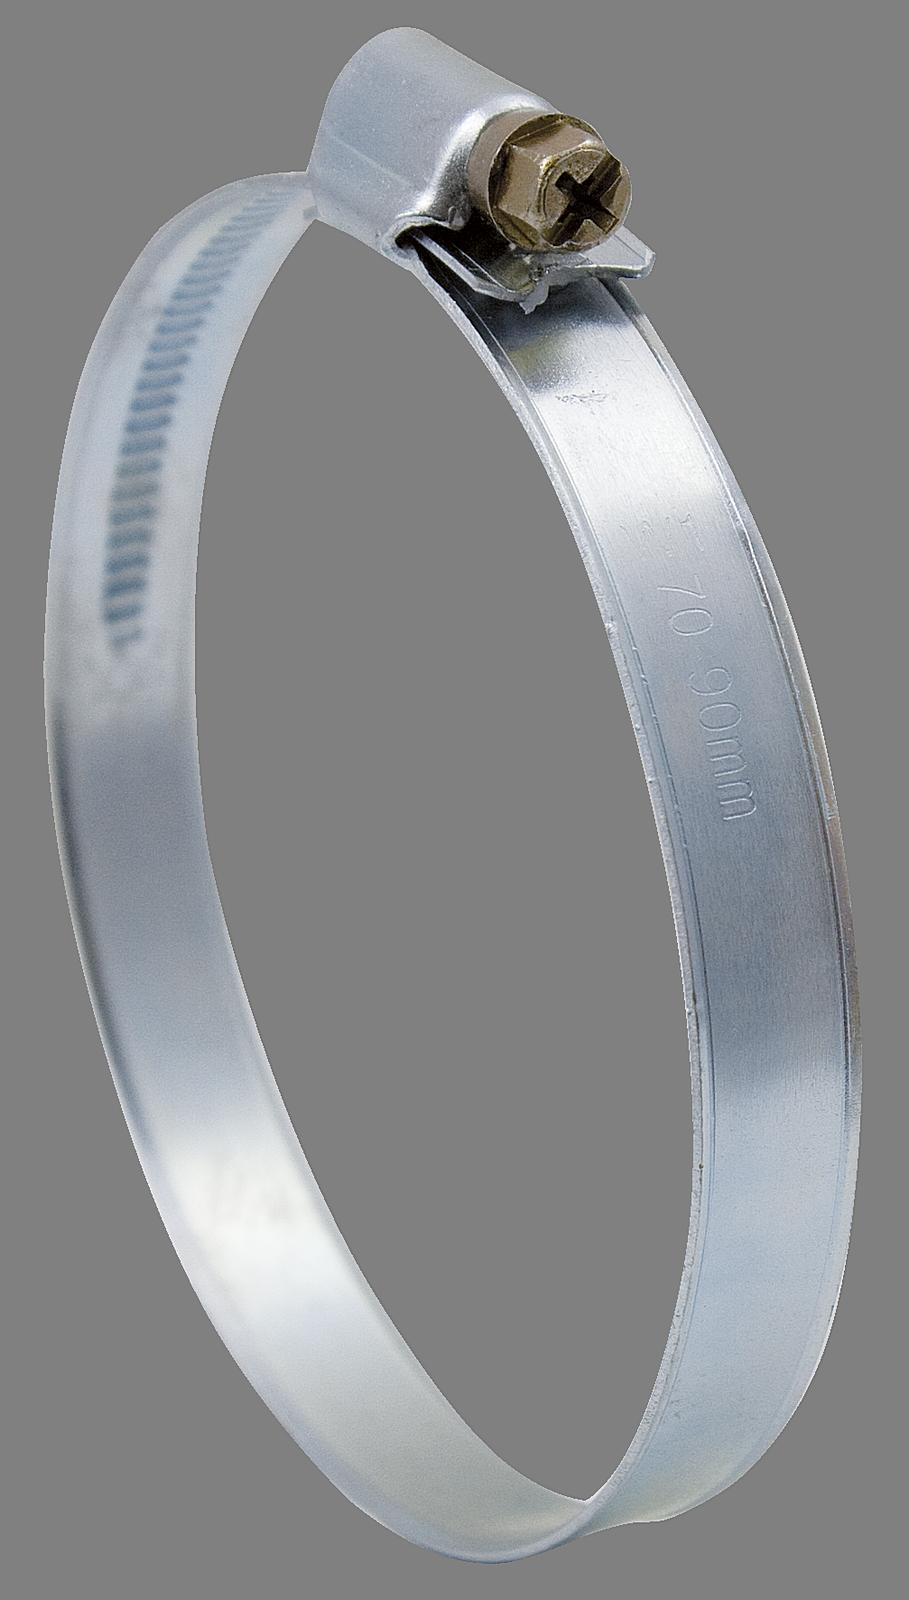 Spona hadicová šroubovací 10-16 mm -